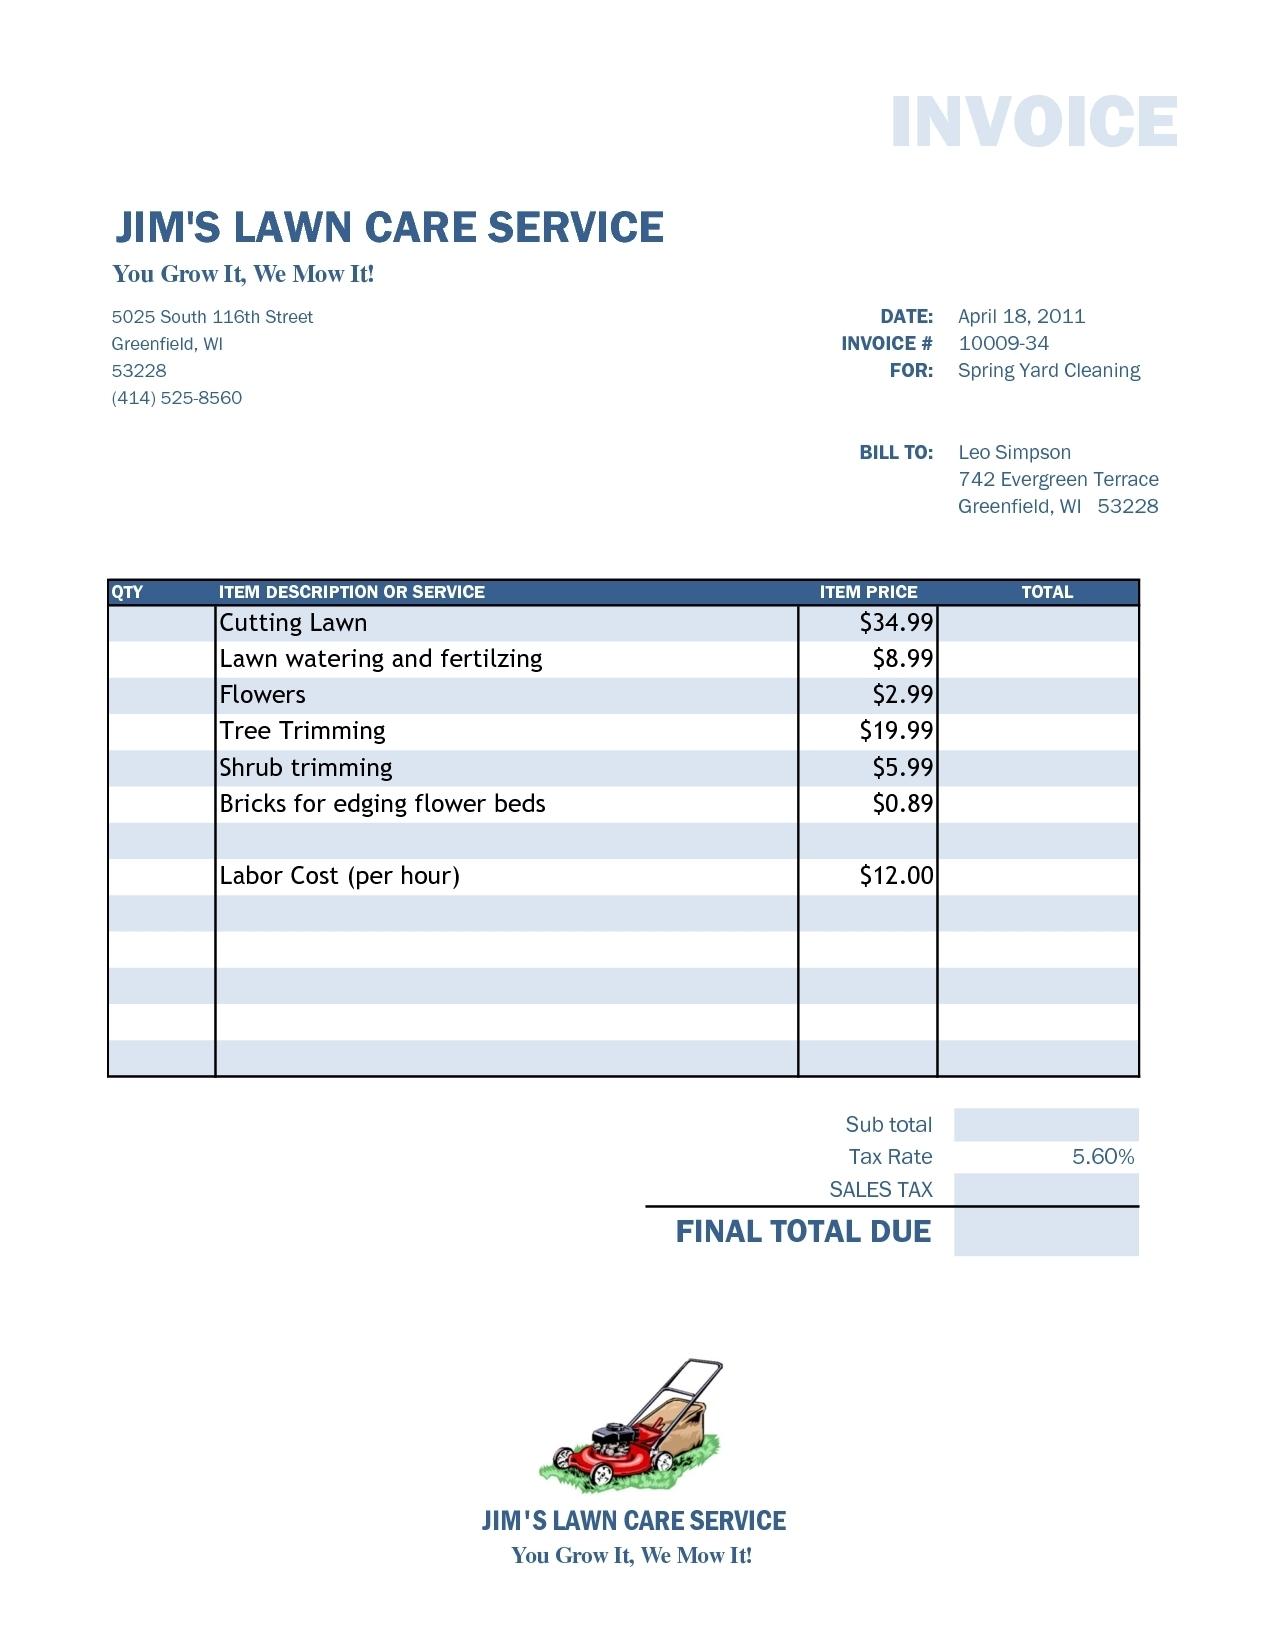 lawn service invoice invoice template ideas lawn service invoice lawn care invoice template excel design invoice template 1275 x 1650